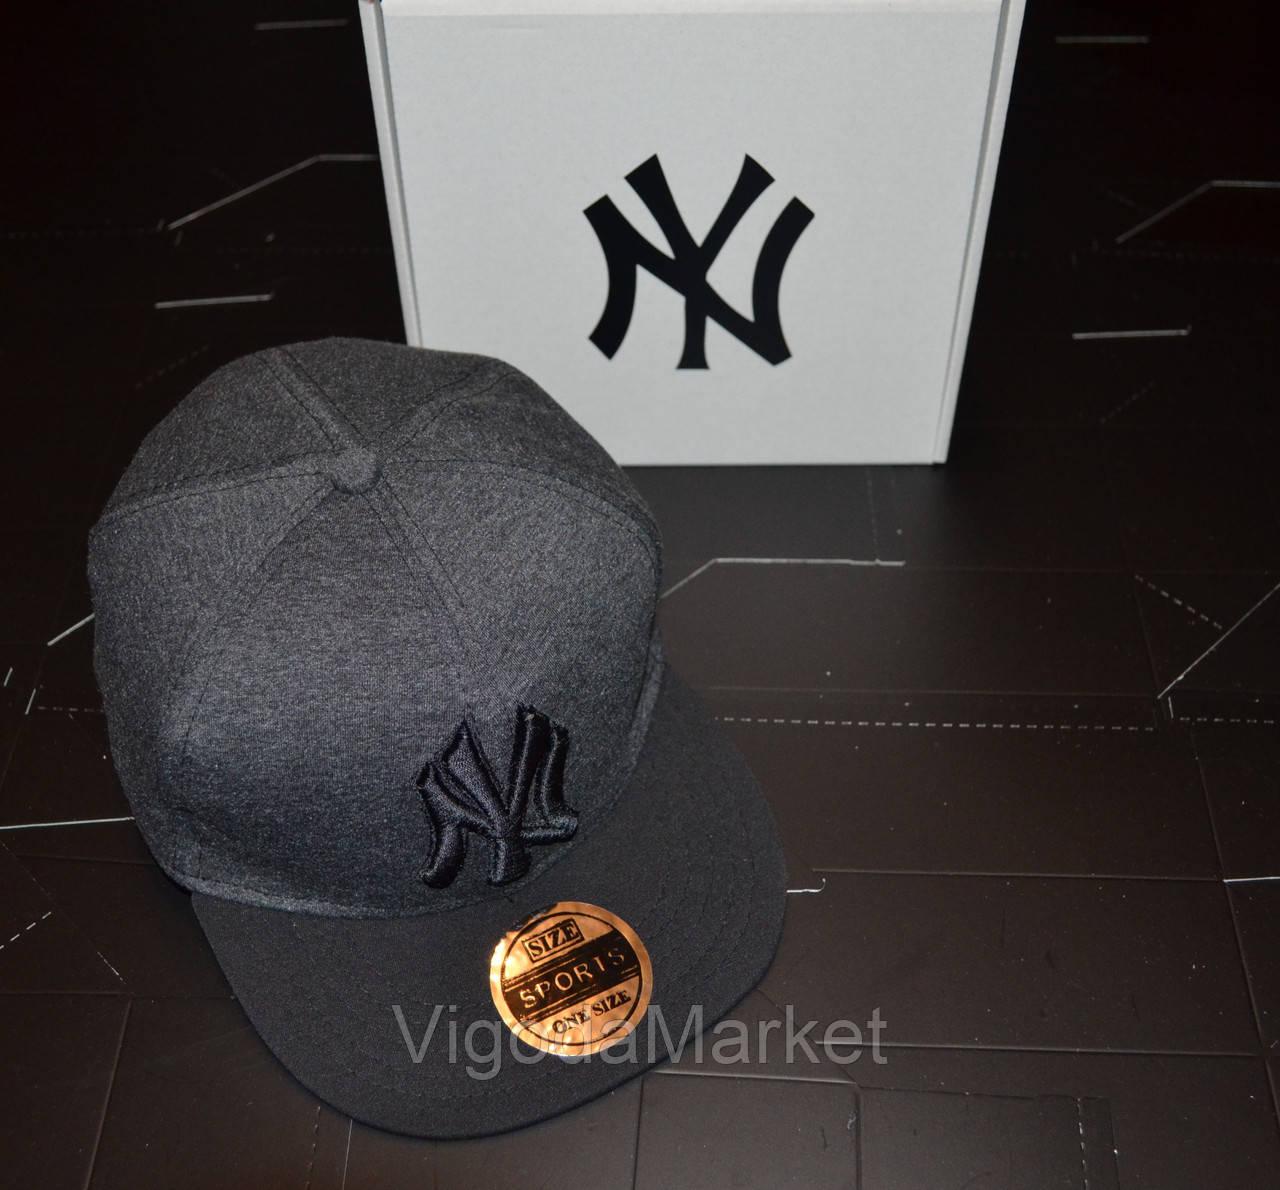 Кепка   бейсболка New York в оригинальной коробке - VigodaMarket в  Хмельницком b05b106e3a863